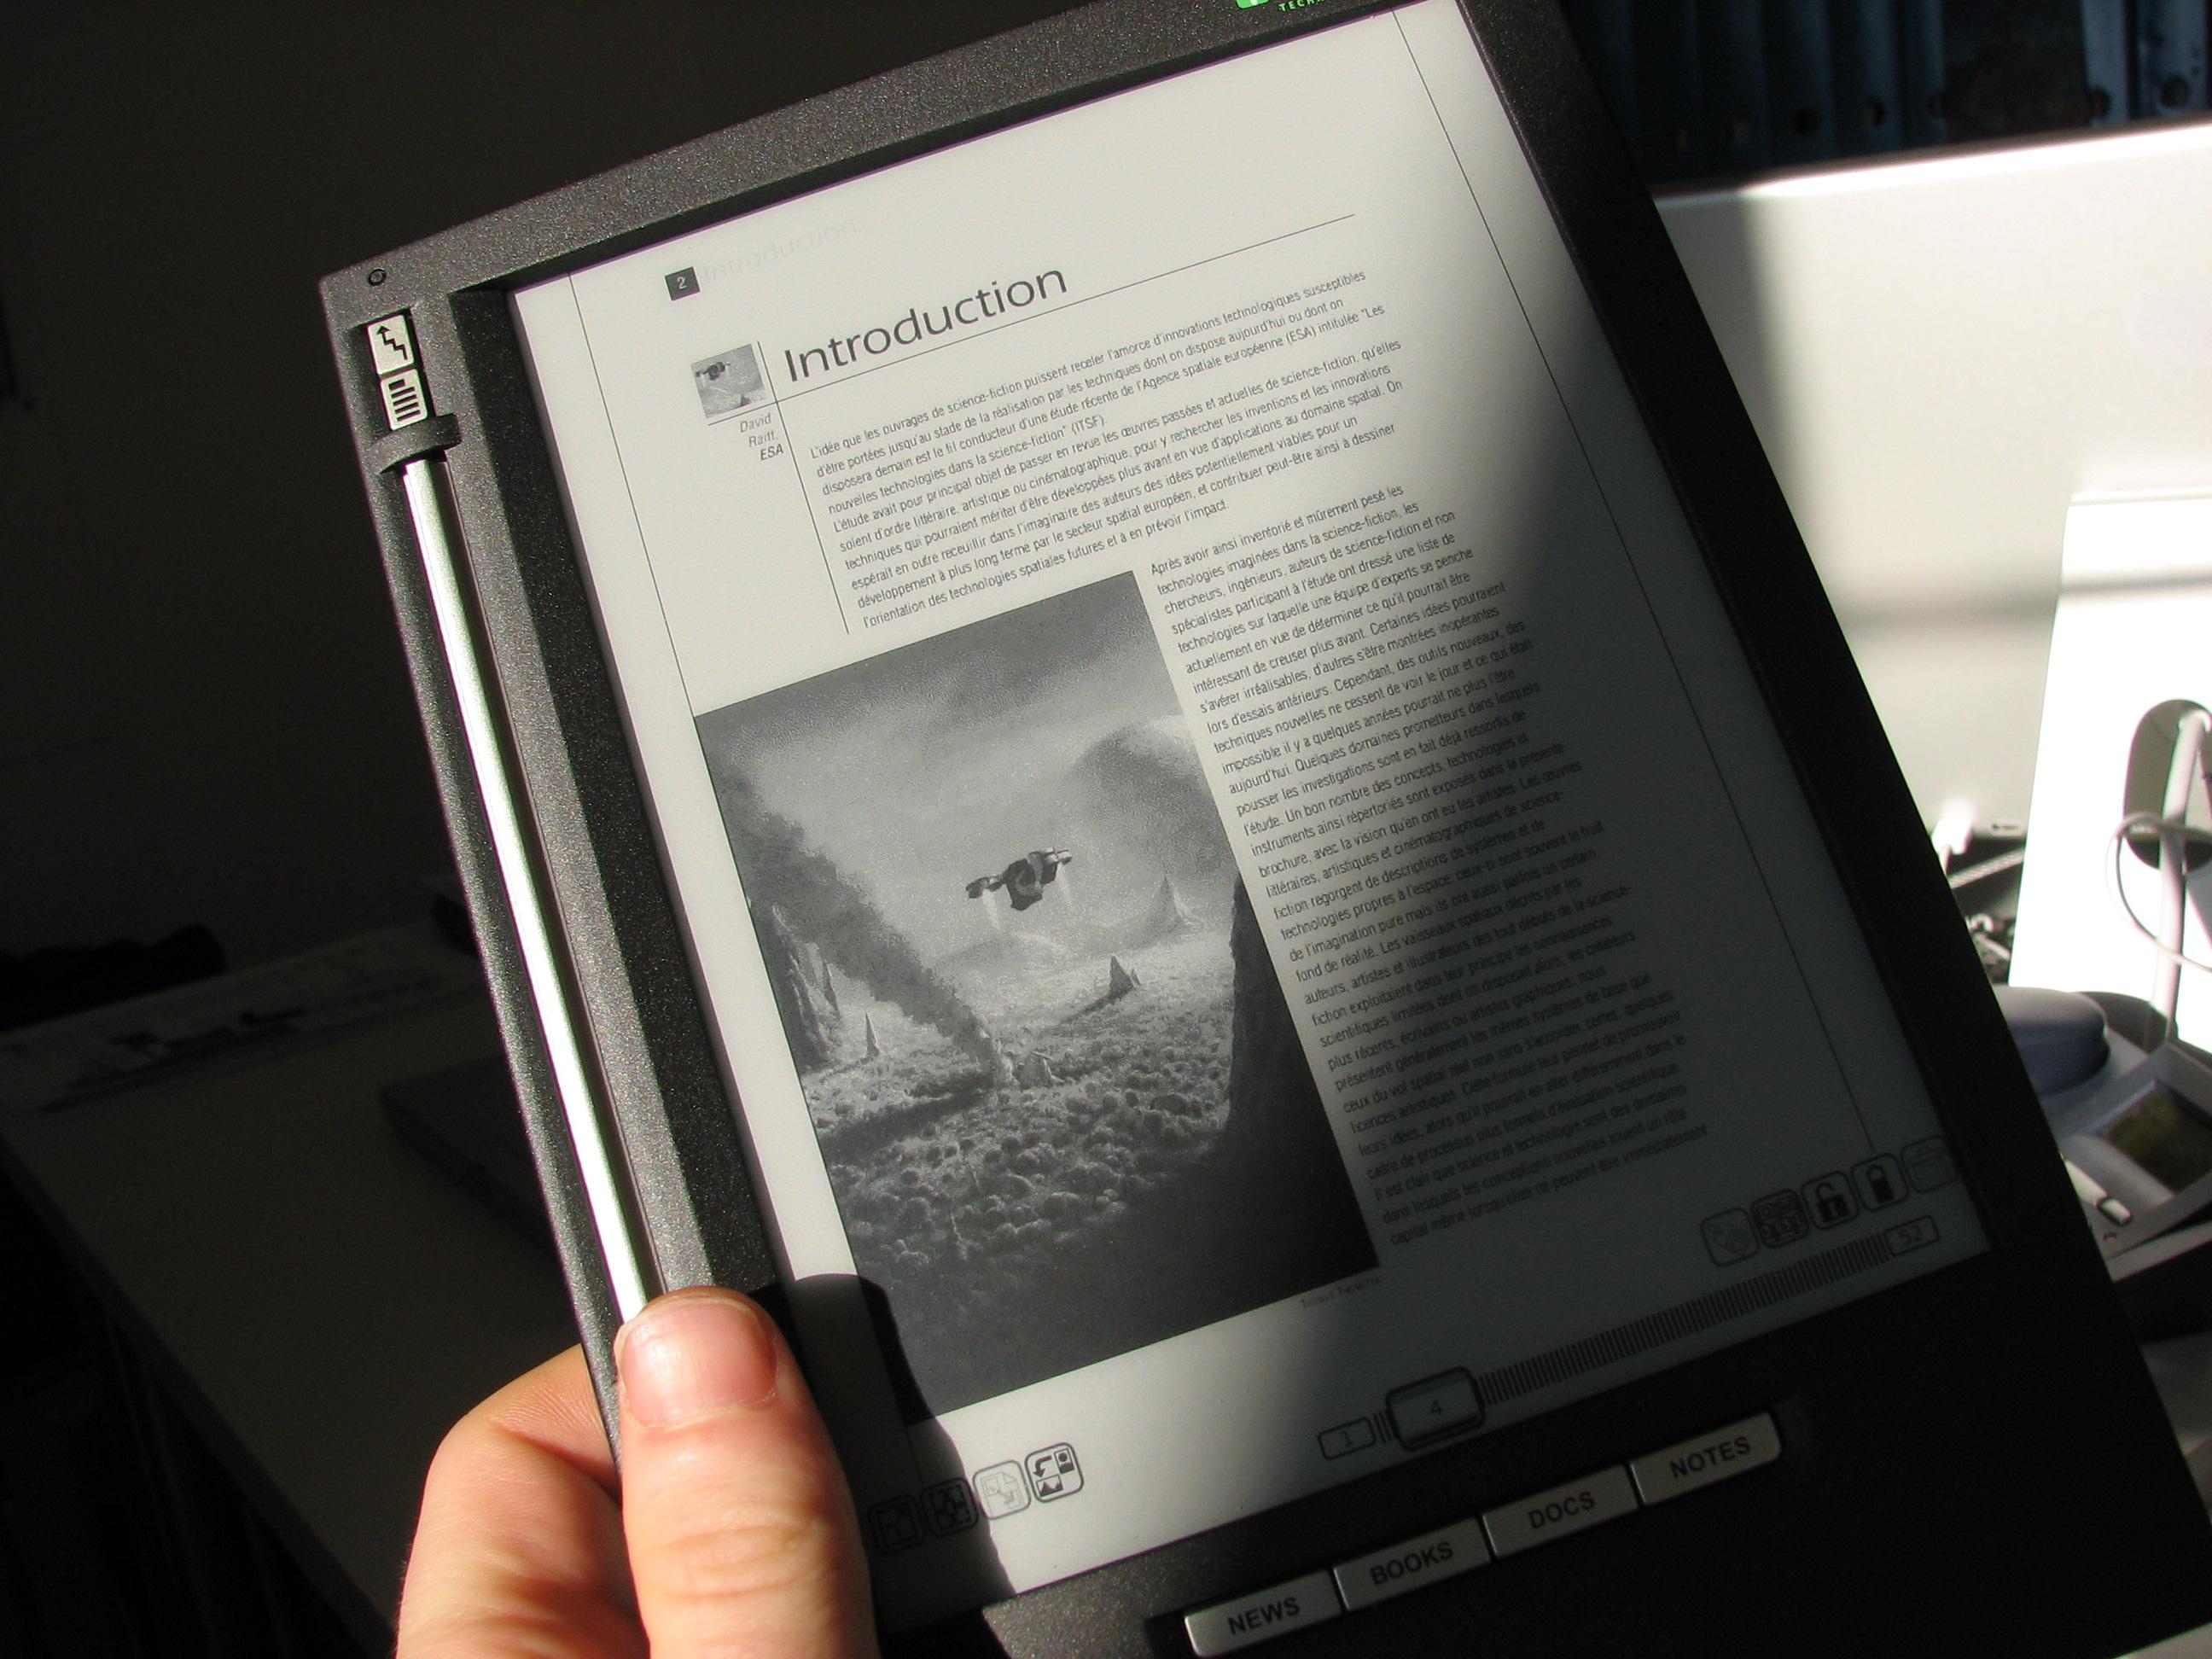 Soleil et ombre sur un bouquin électronique iLiad.jpg